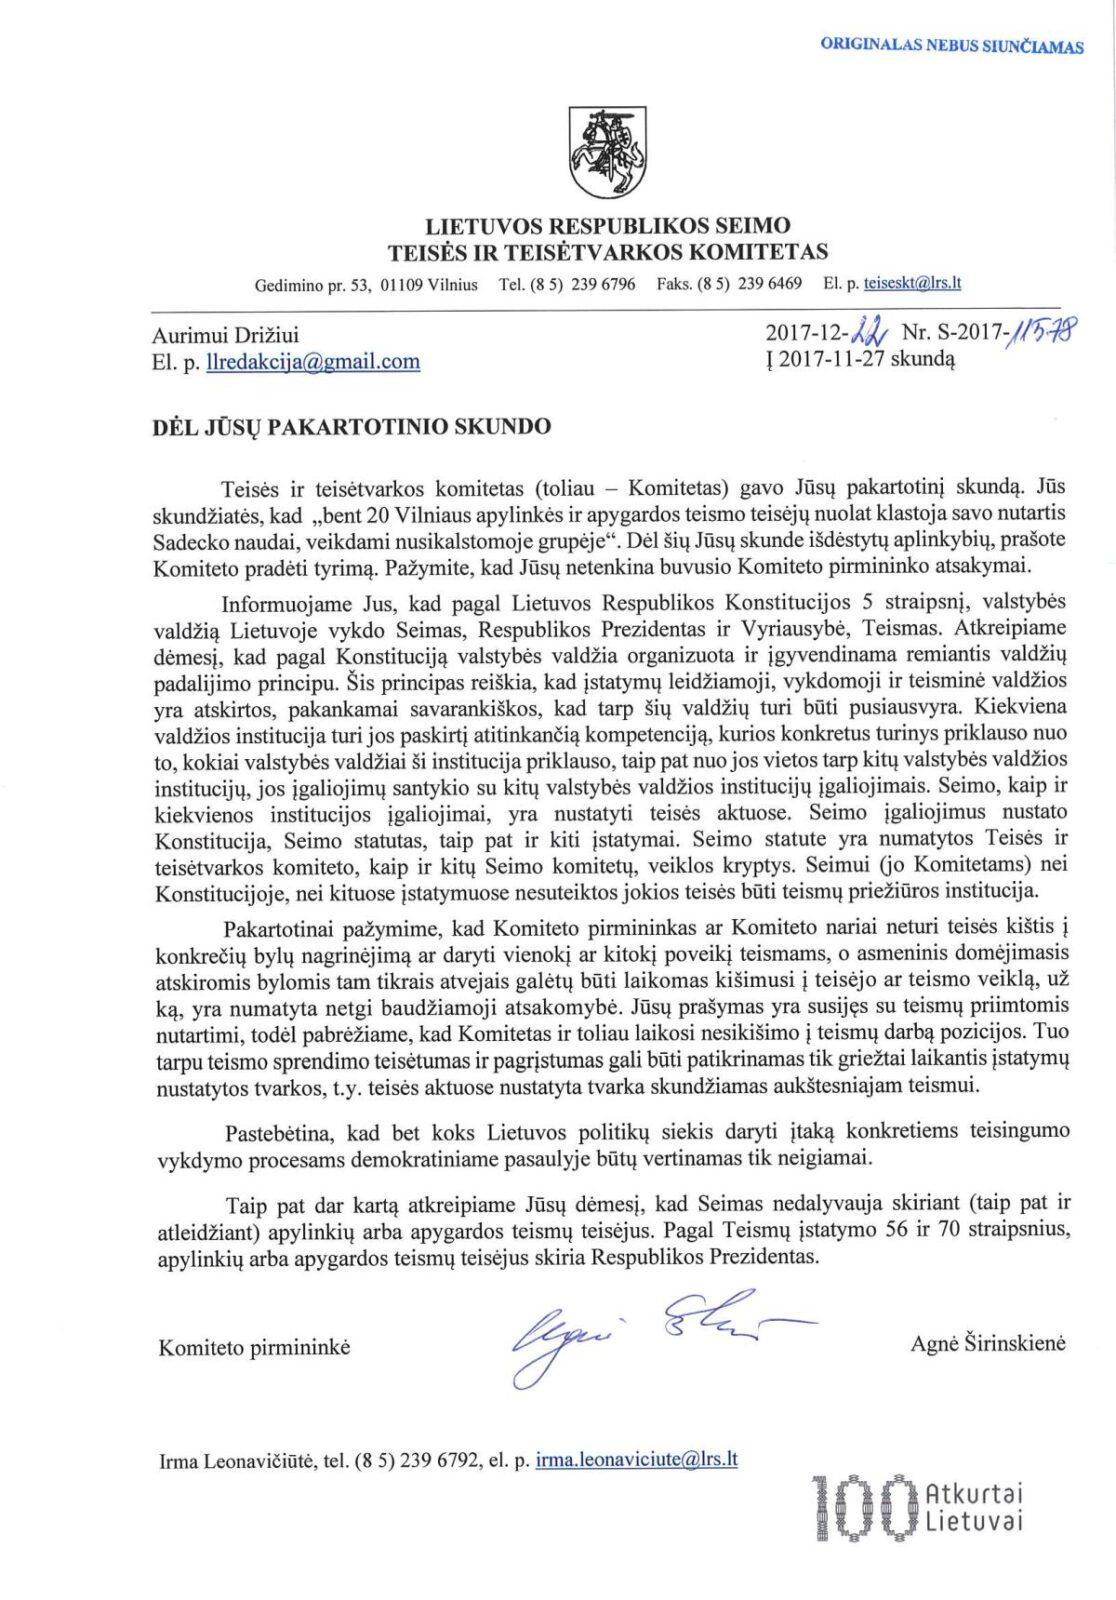 Ką dėl masinės korupcijos Vilniaus apylinkės ir apygardos teismuose mano naujoji Teisės ir teisėtvarkos komiteto pirmininkė A. Širinskienė?